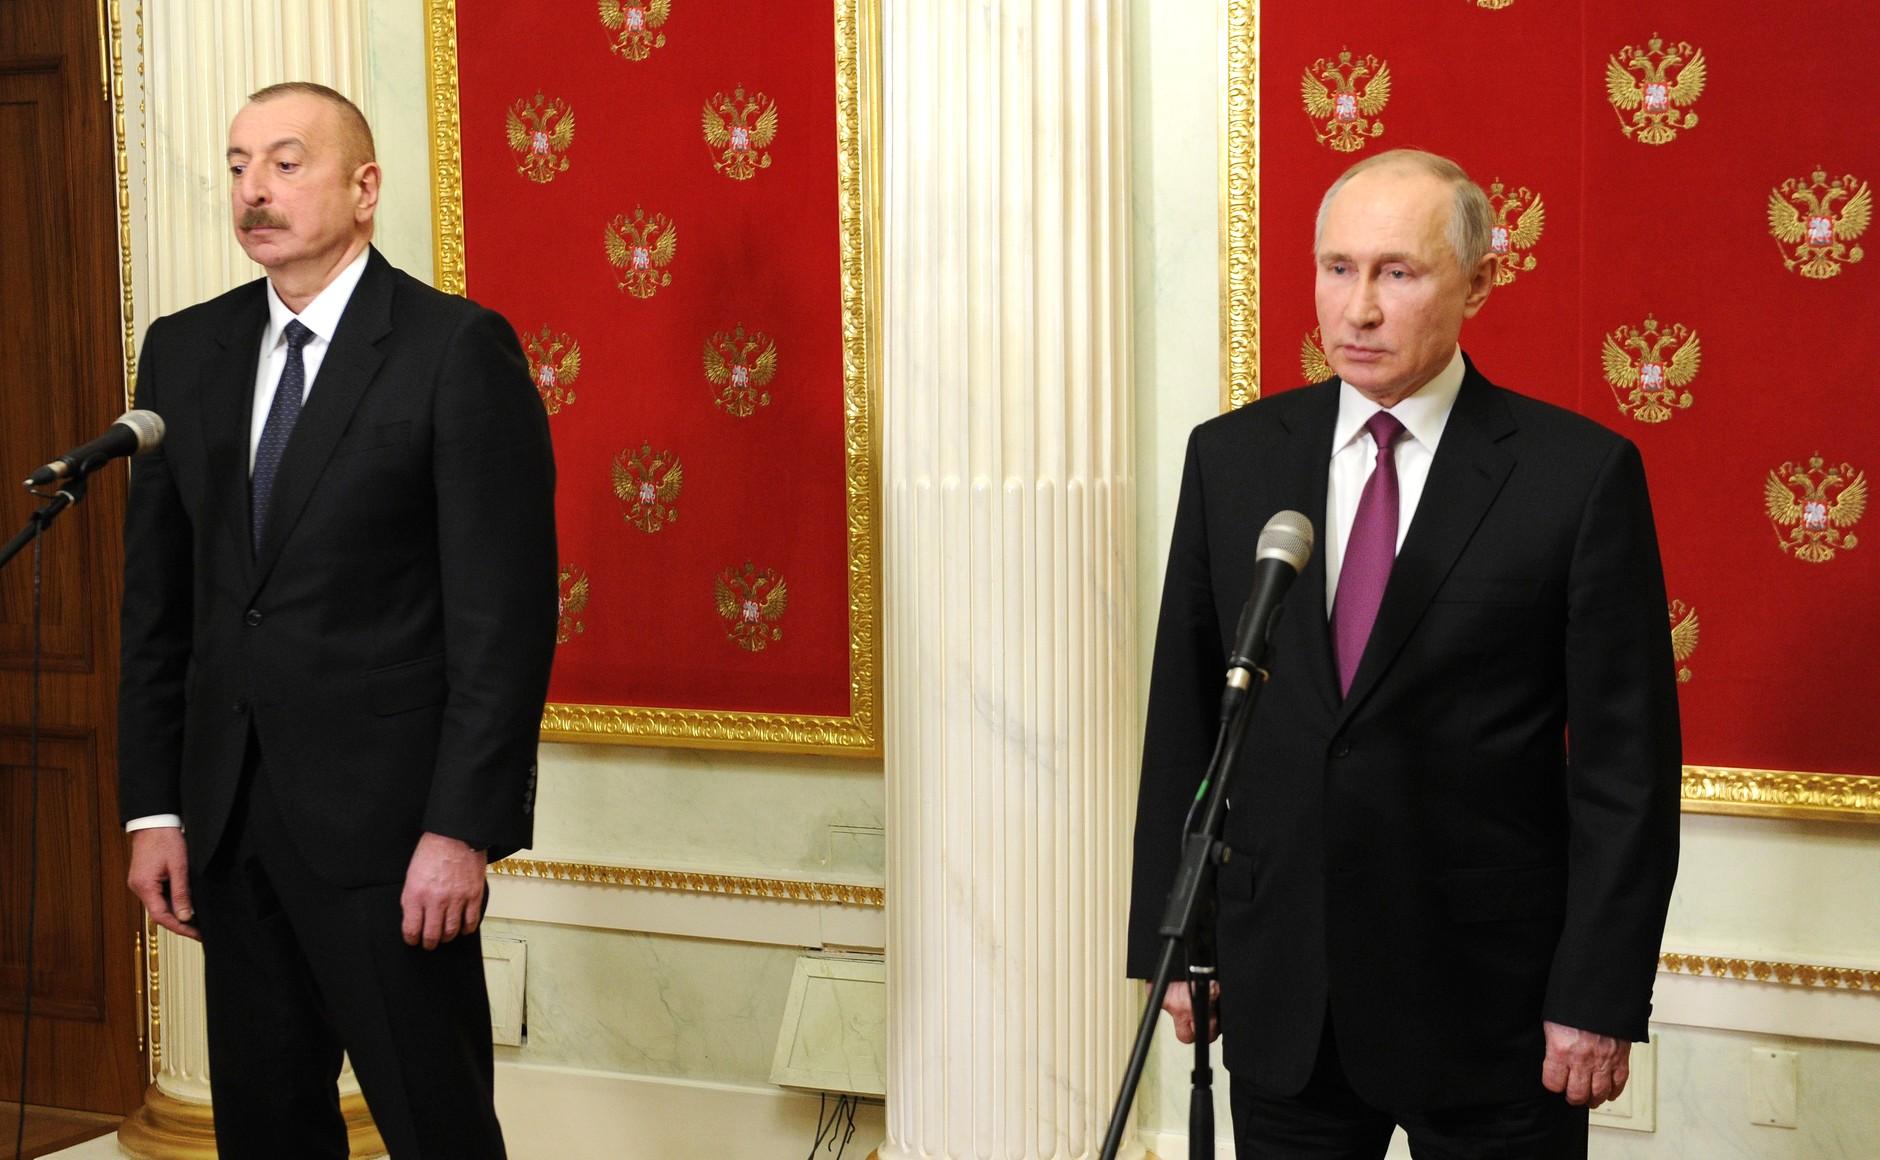 PH 2 SUR 5 Communiqués de presse à l'issue des entretiens avec le président azerbaïdjanais Ilham Aliyev et le Premier ministre arménien Nikol Pashinyan - 11 janvier 2021 – 17H50